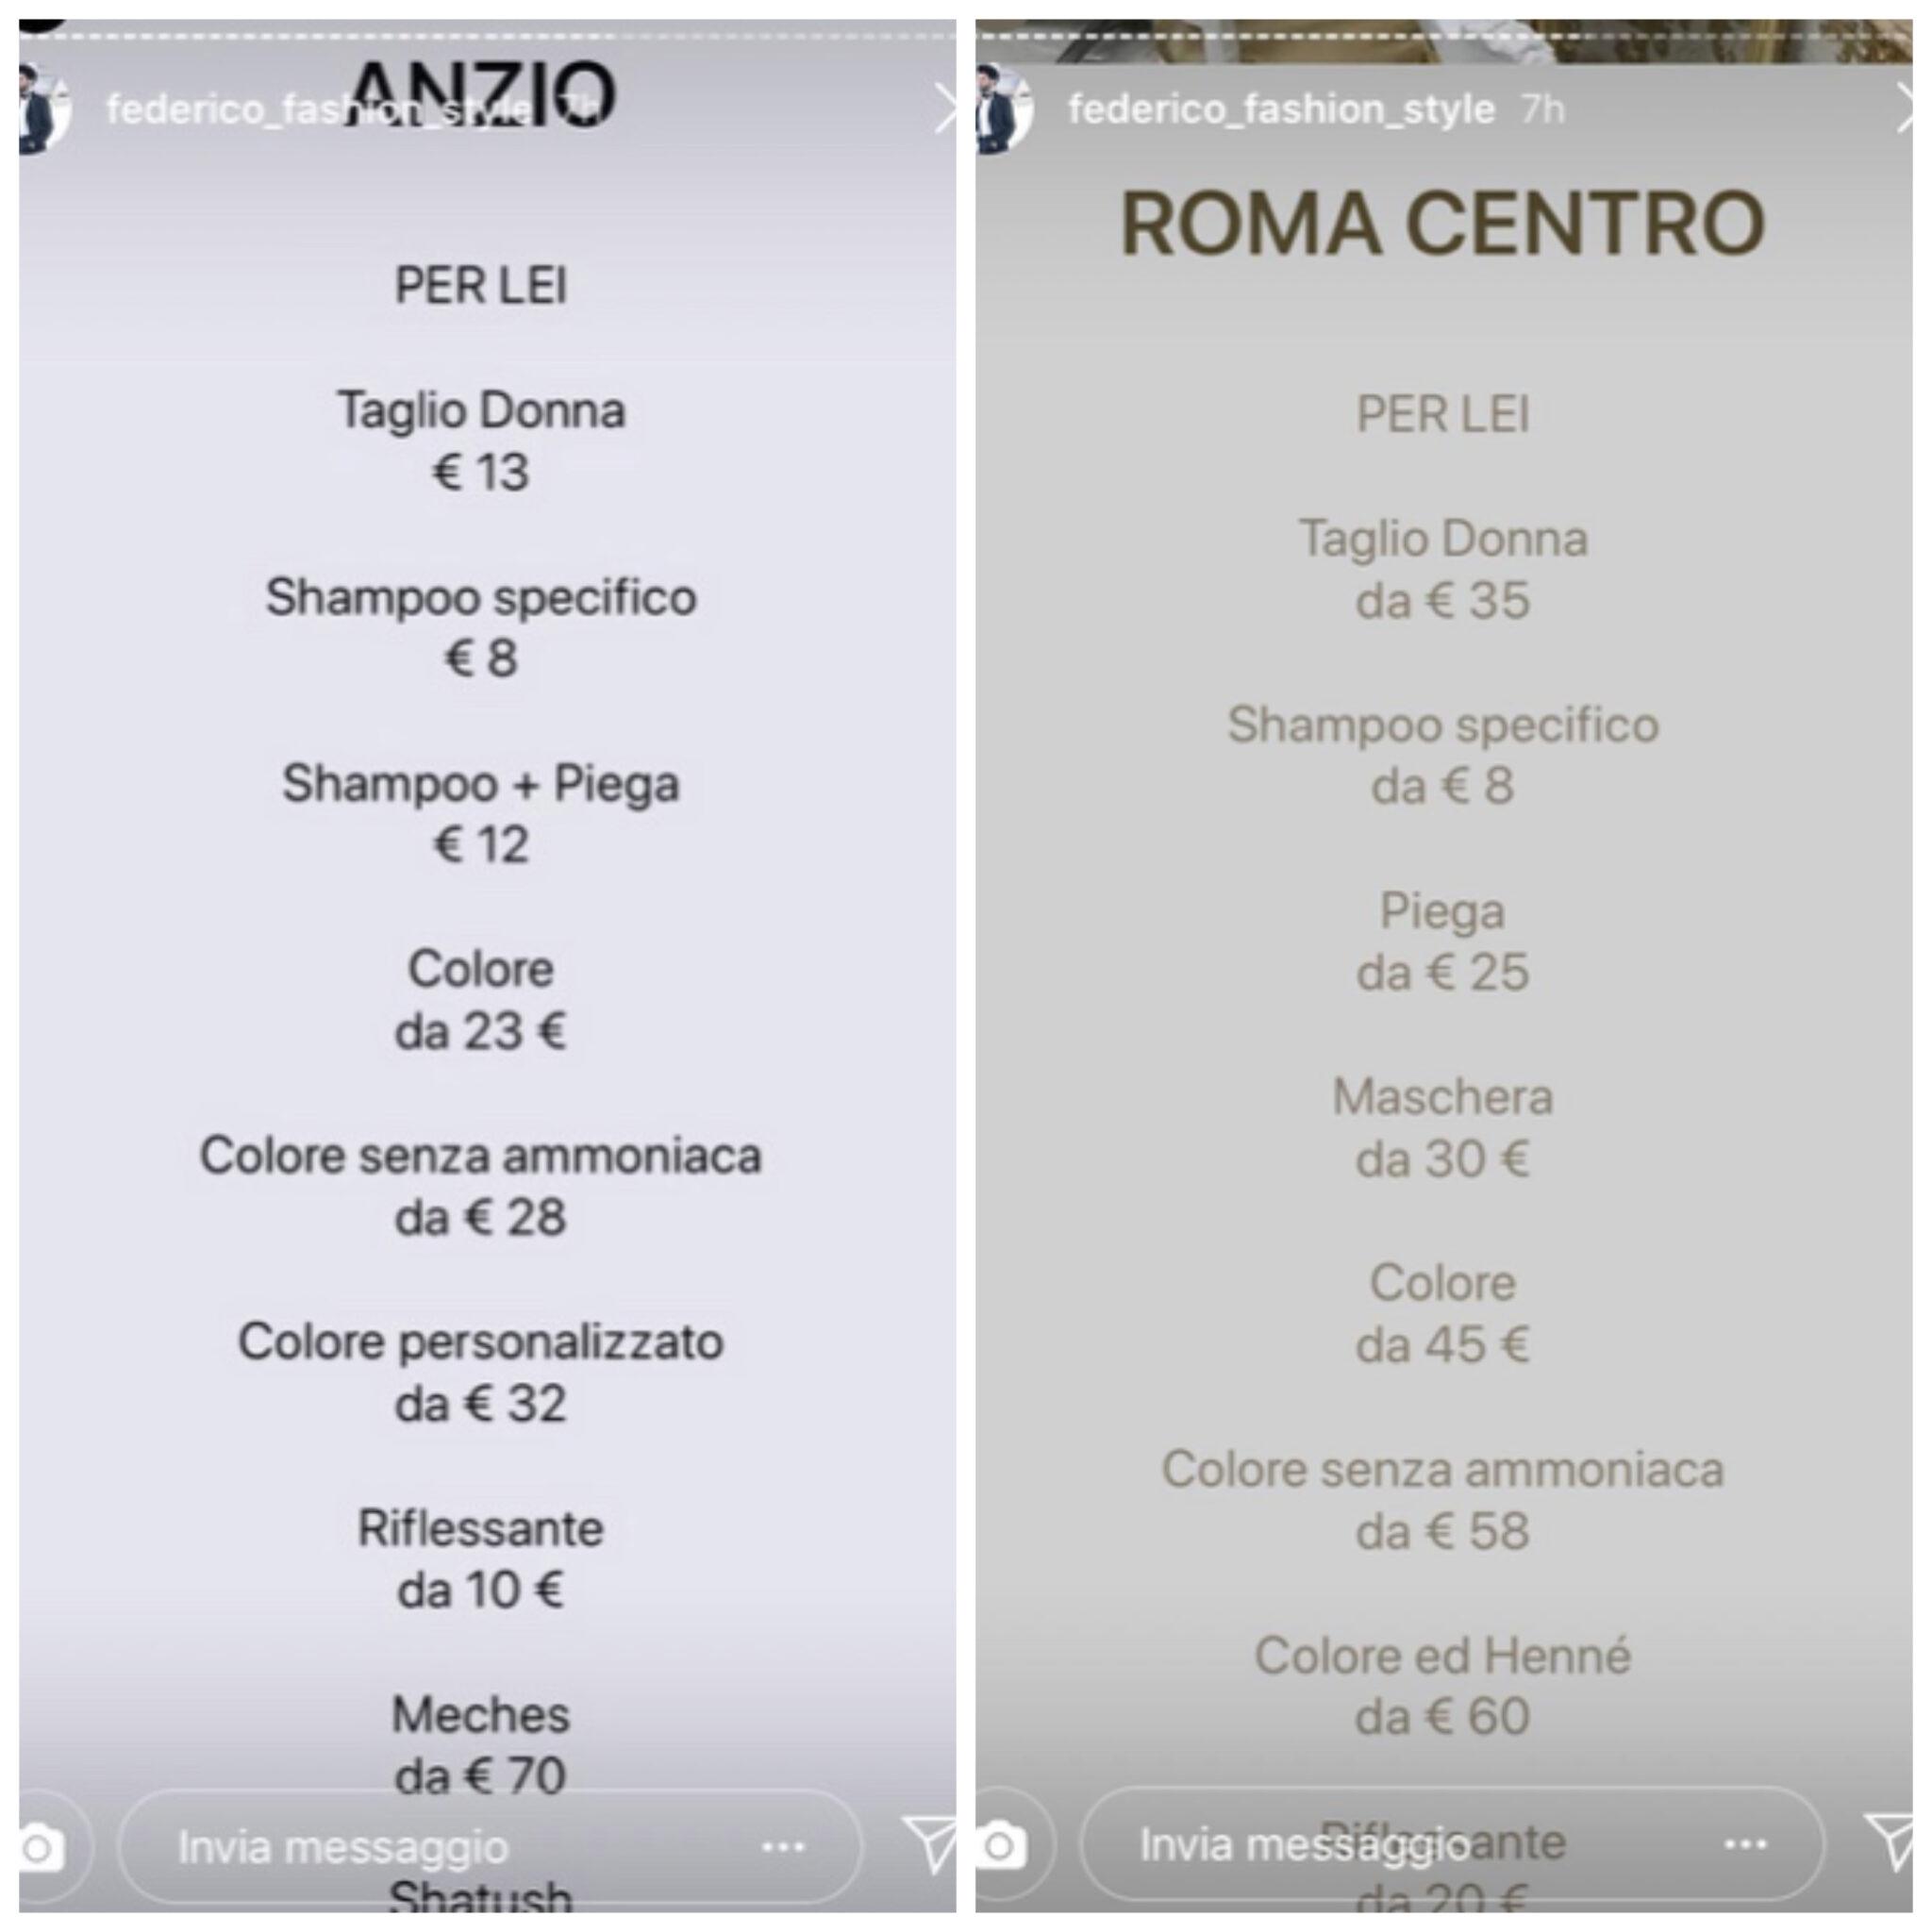 Anzio e roma prezzi